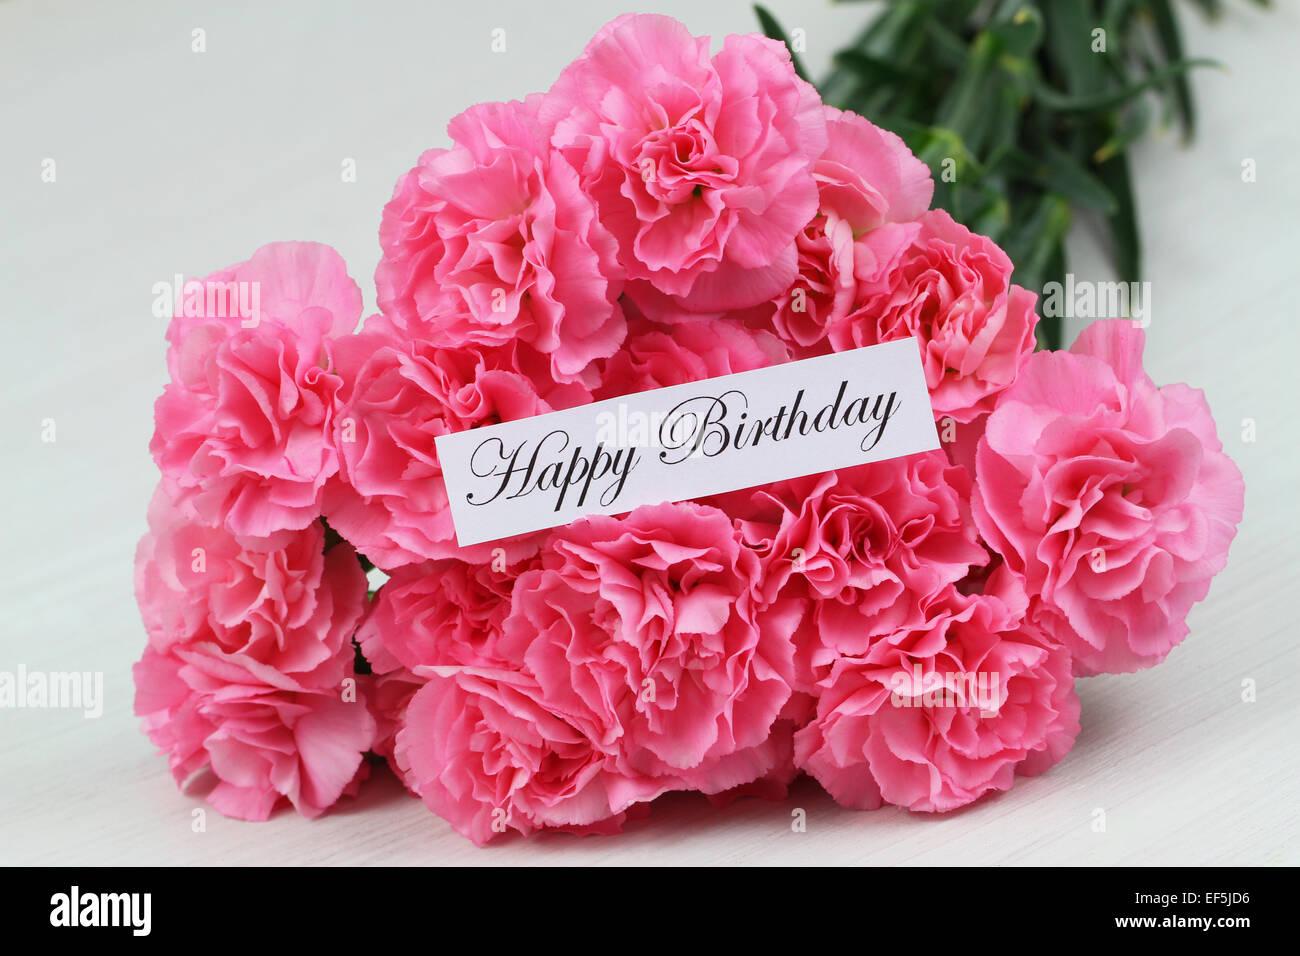 Buon Compleanno Card Con Rosa Fiori Di Garofano Foto Immagine